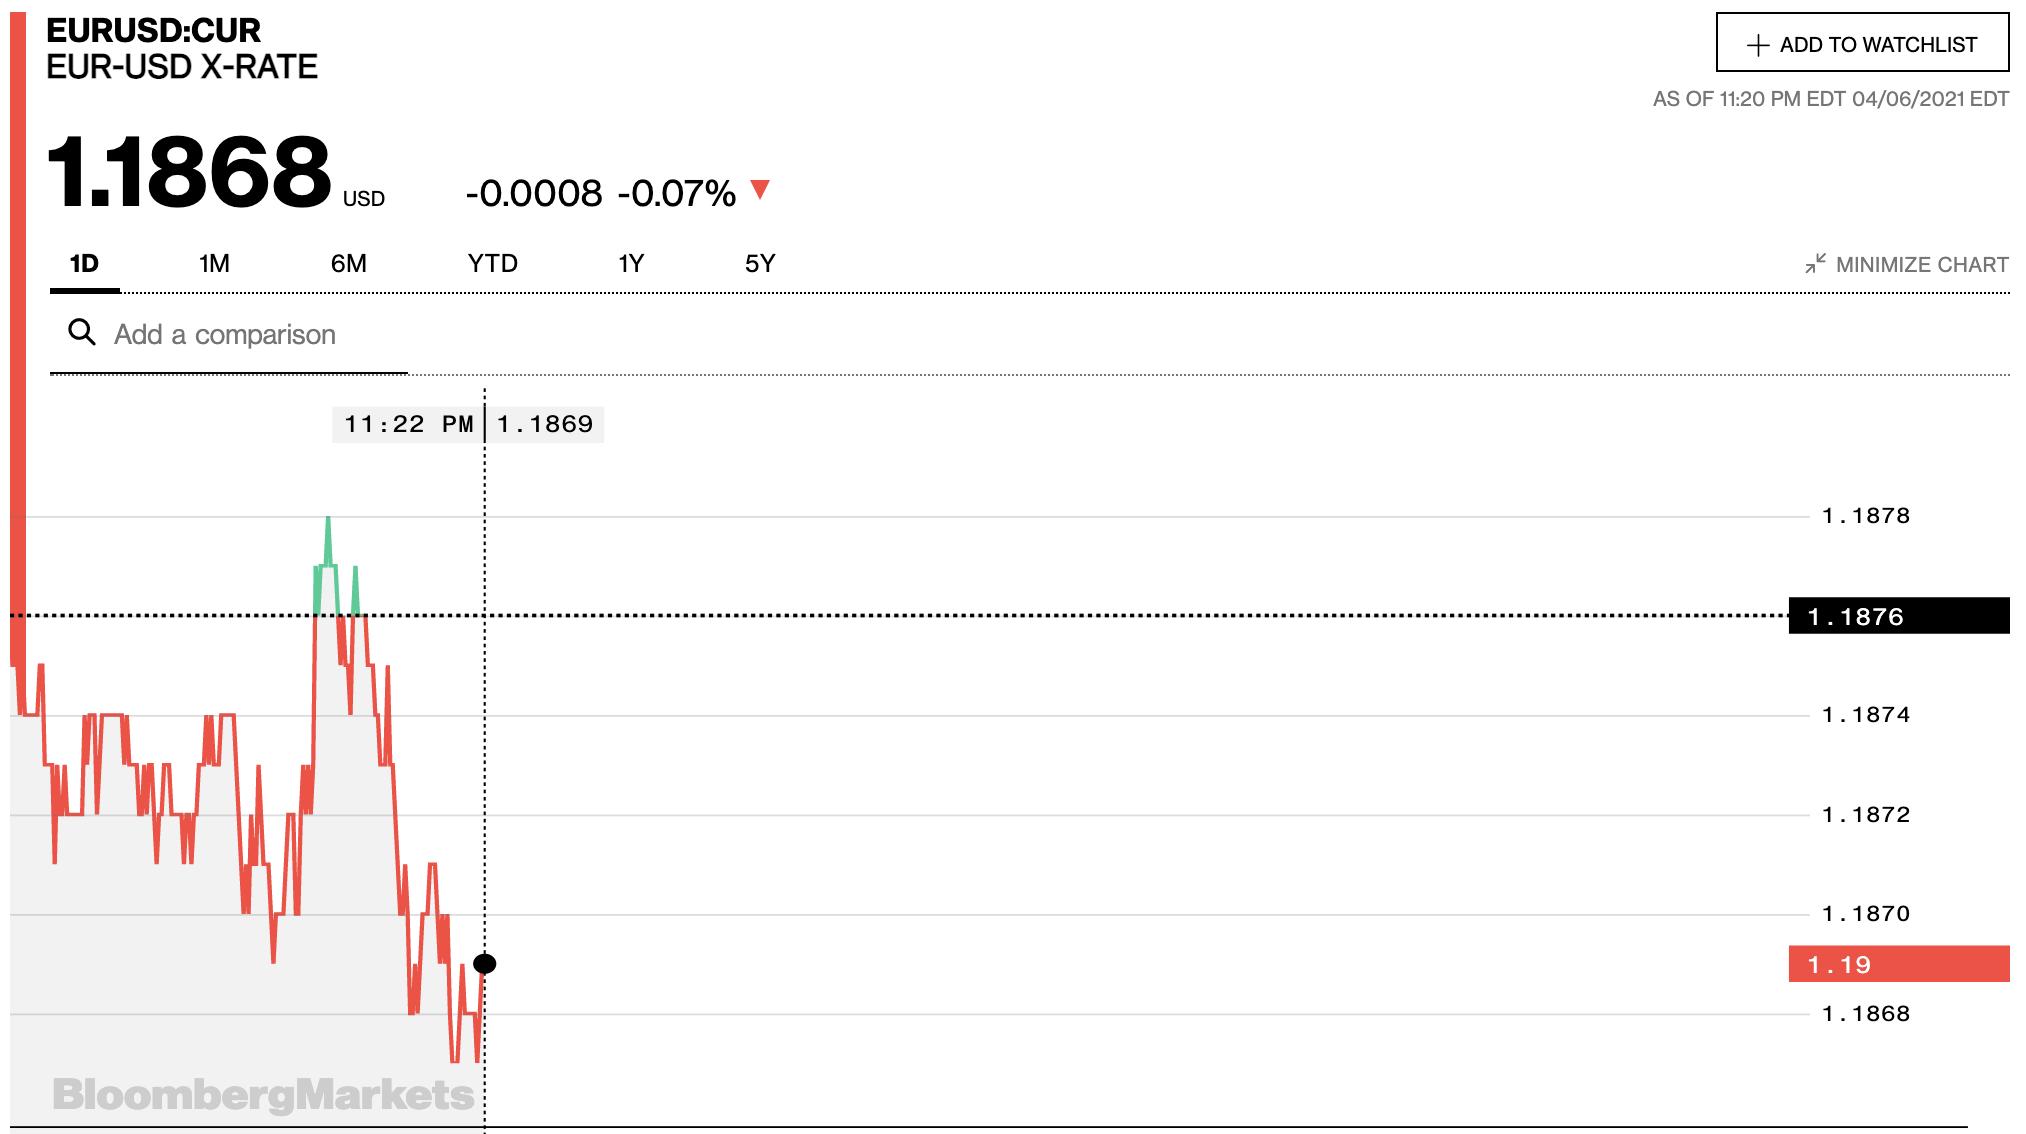 Tỷ giá euro hôm nay 7/4: Tiếp tục tăng đồng loạt tại các ngân hàng và thị trường chợ đen - Ảnh 2.